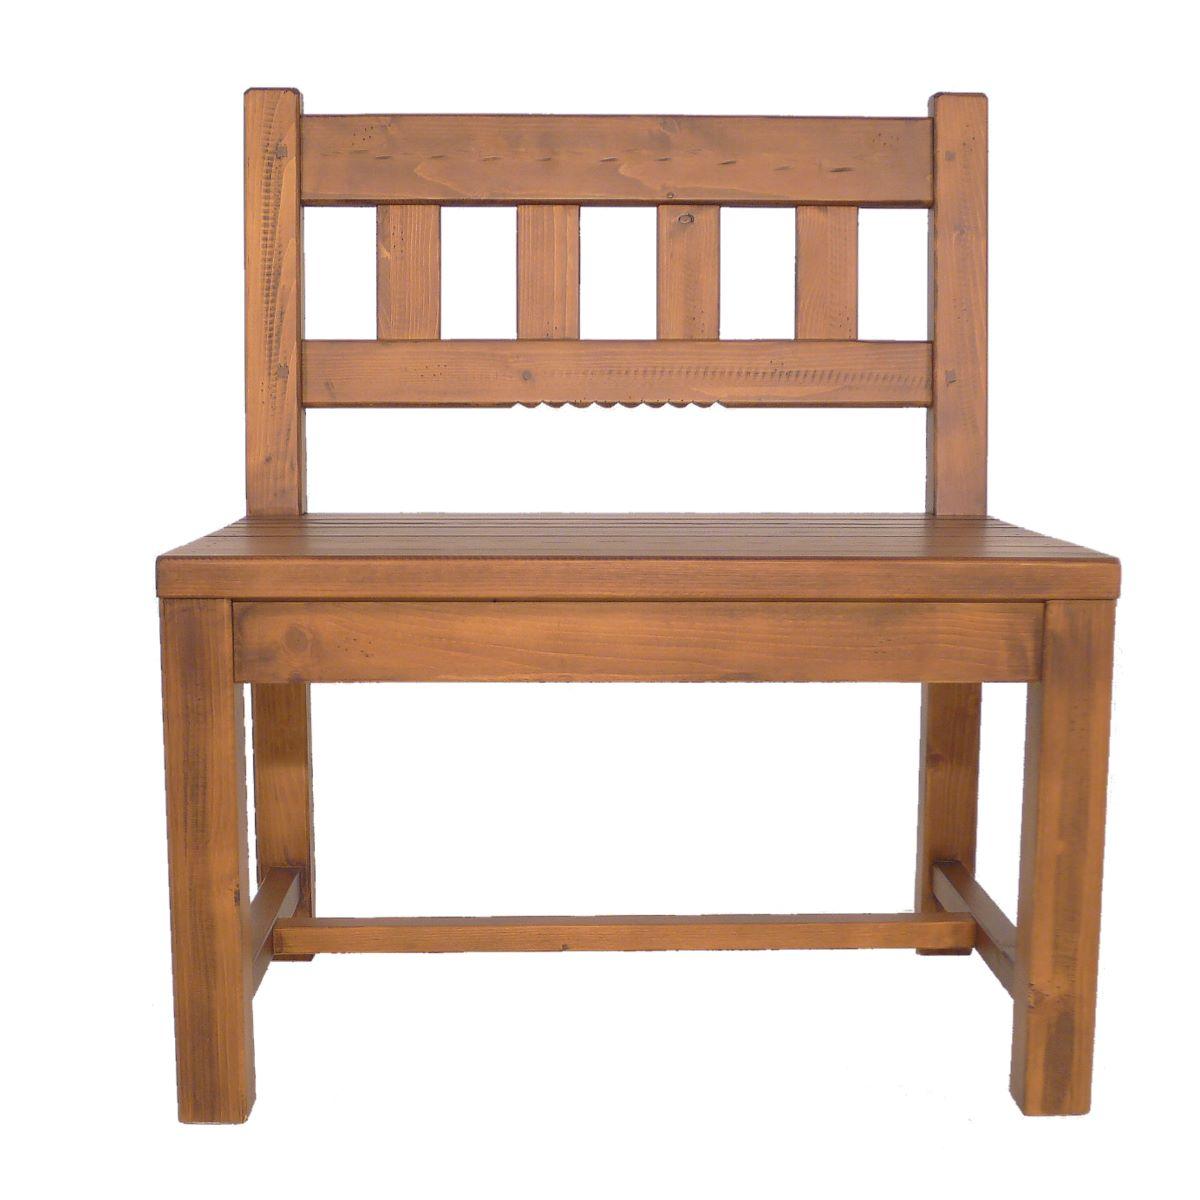 Banco r stico 75cm de alto en madera ecor stico venta de - Bancos de madera rusticos ...